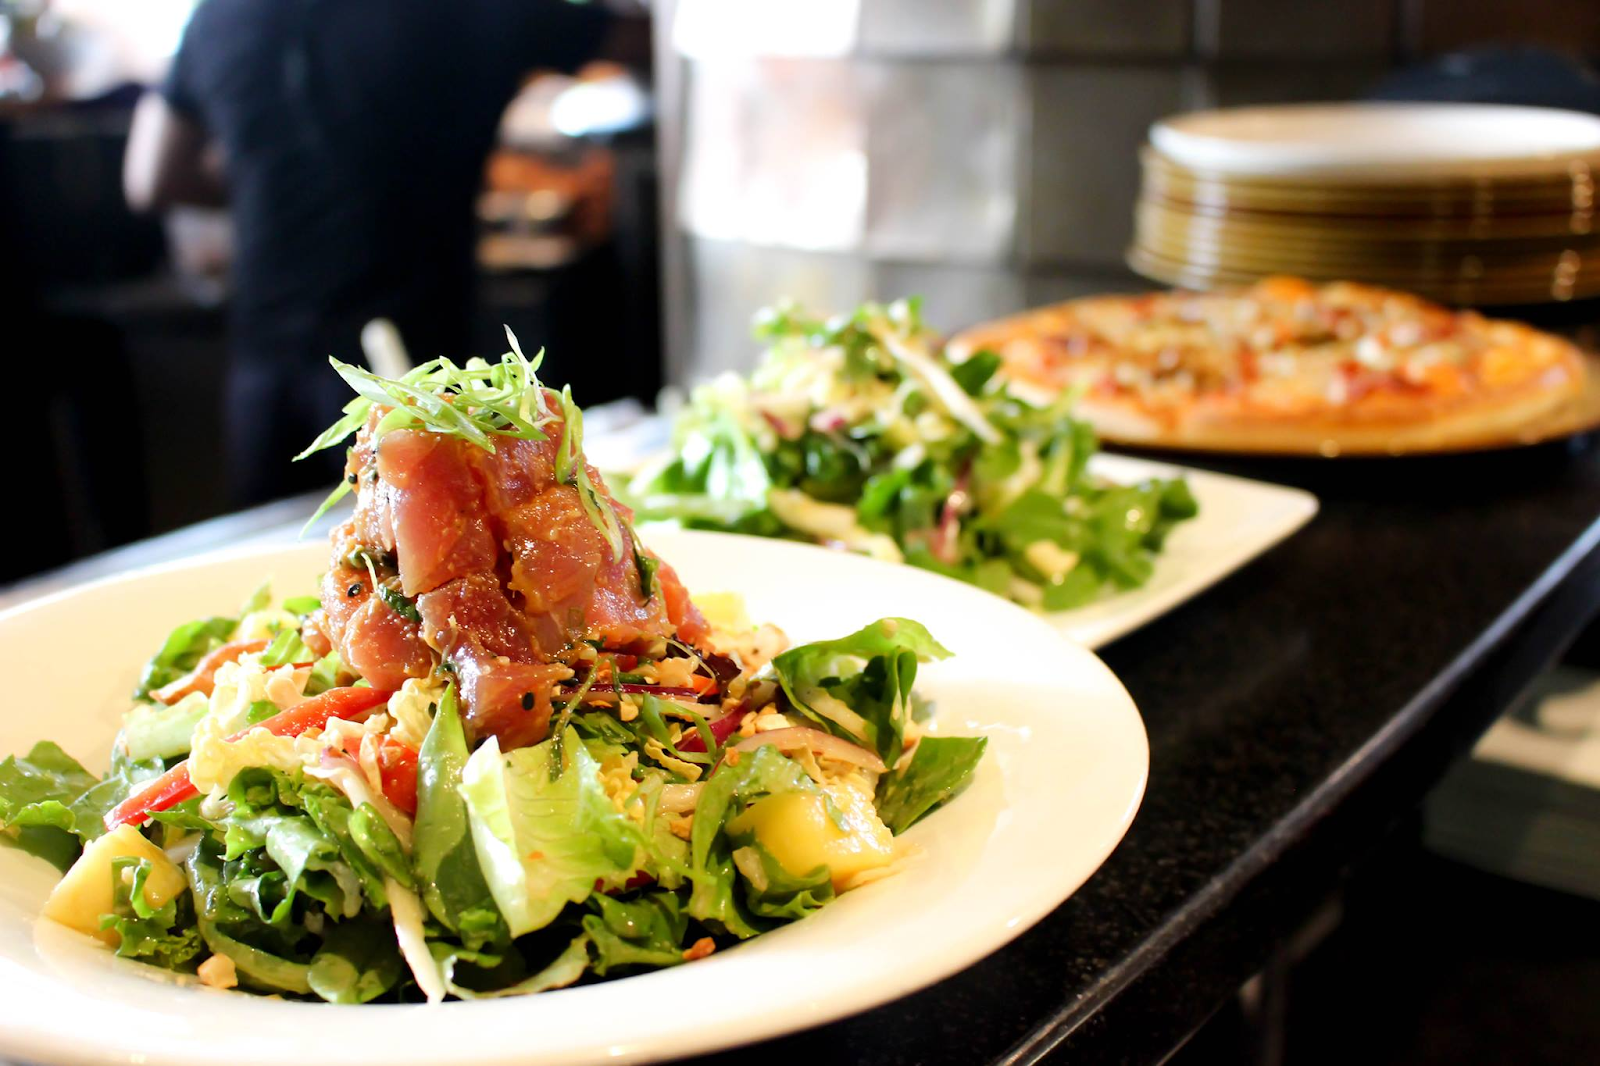 Tuna tartare salad and a pizza